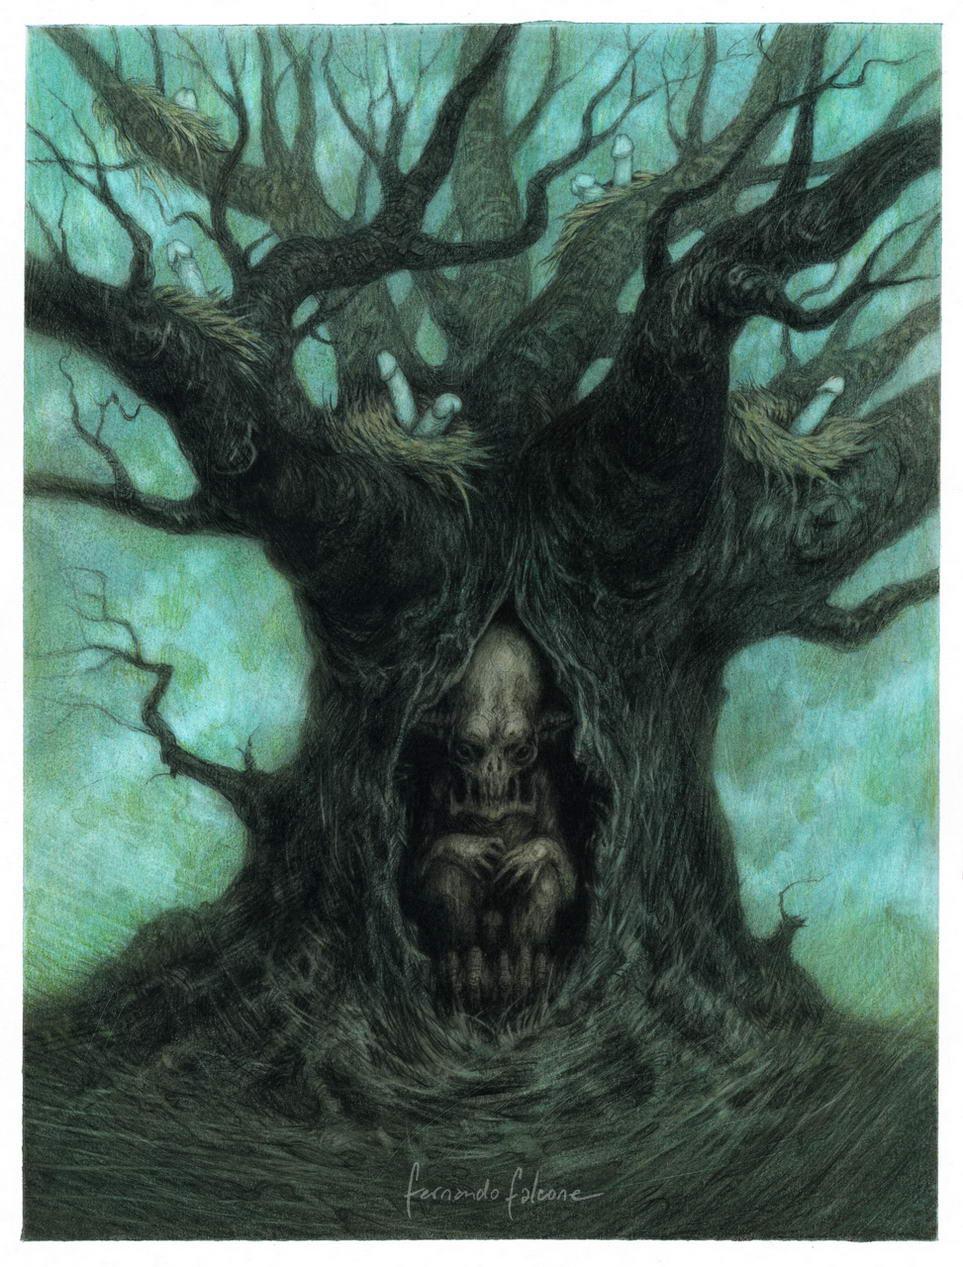 Antiguos cuentos de Brujas